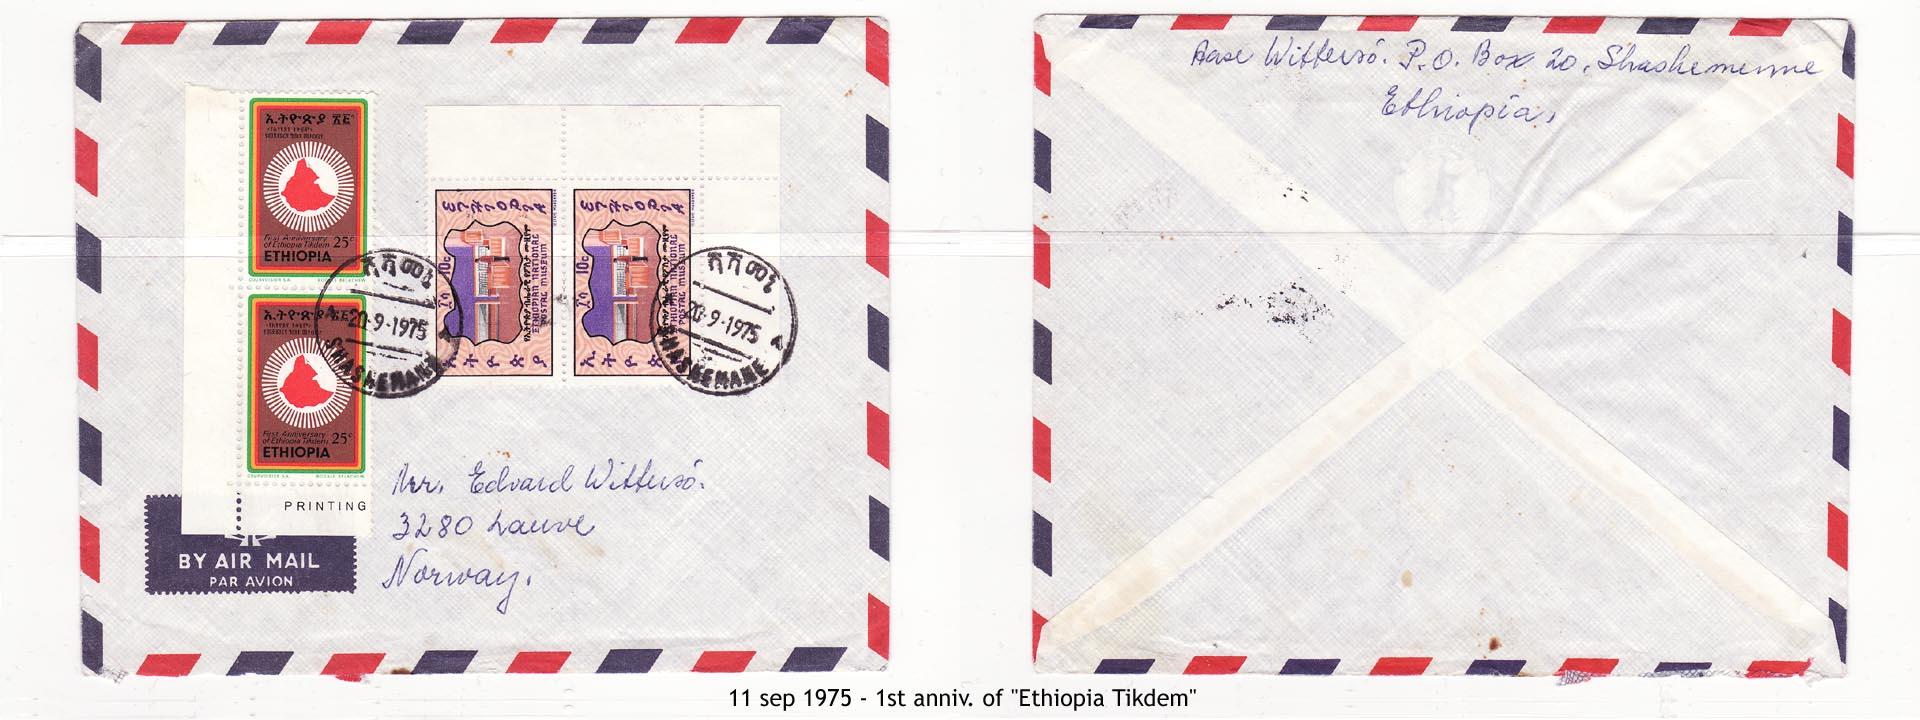 19750911 - 1st anniv. of Ethiopia Tikdem